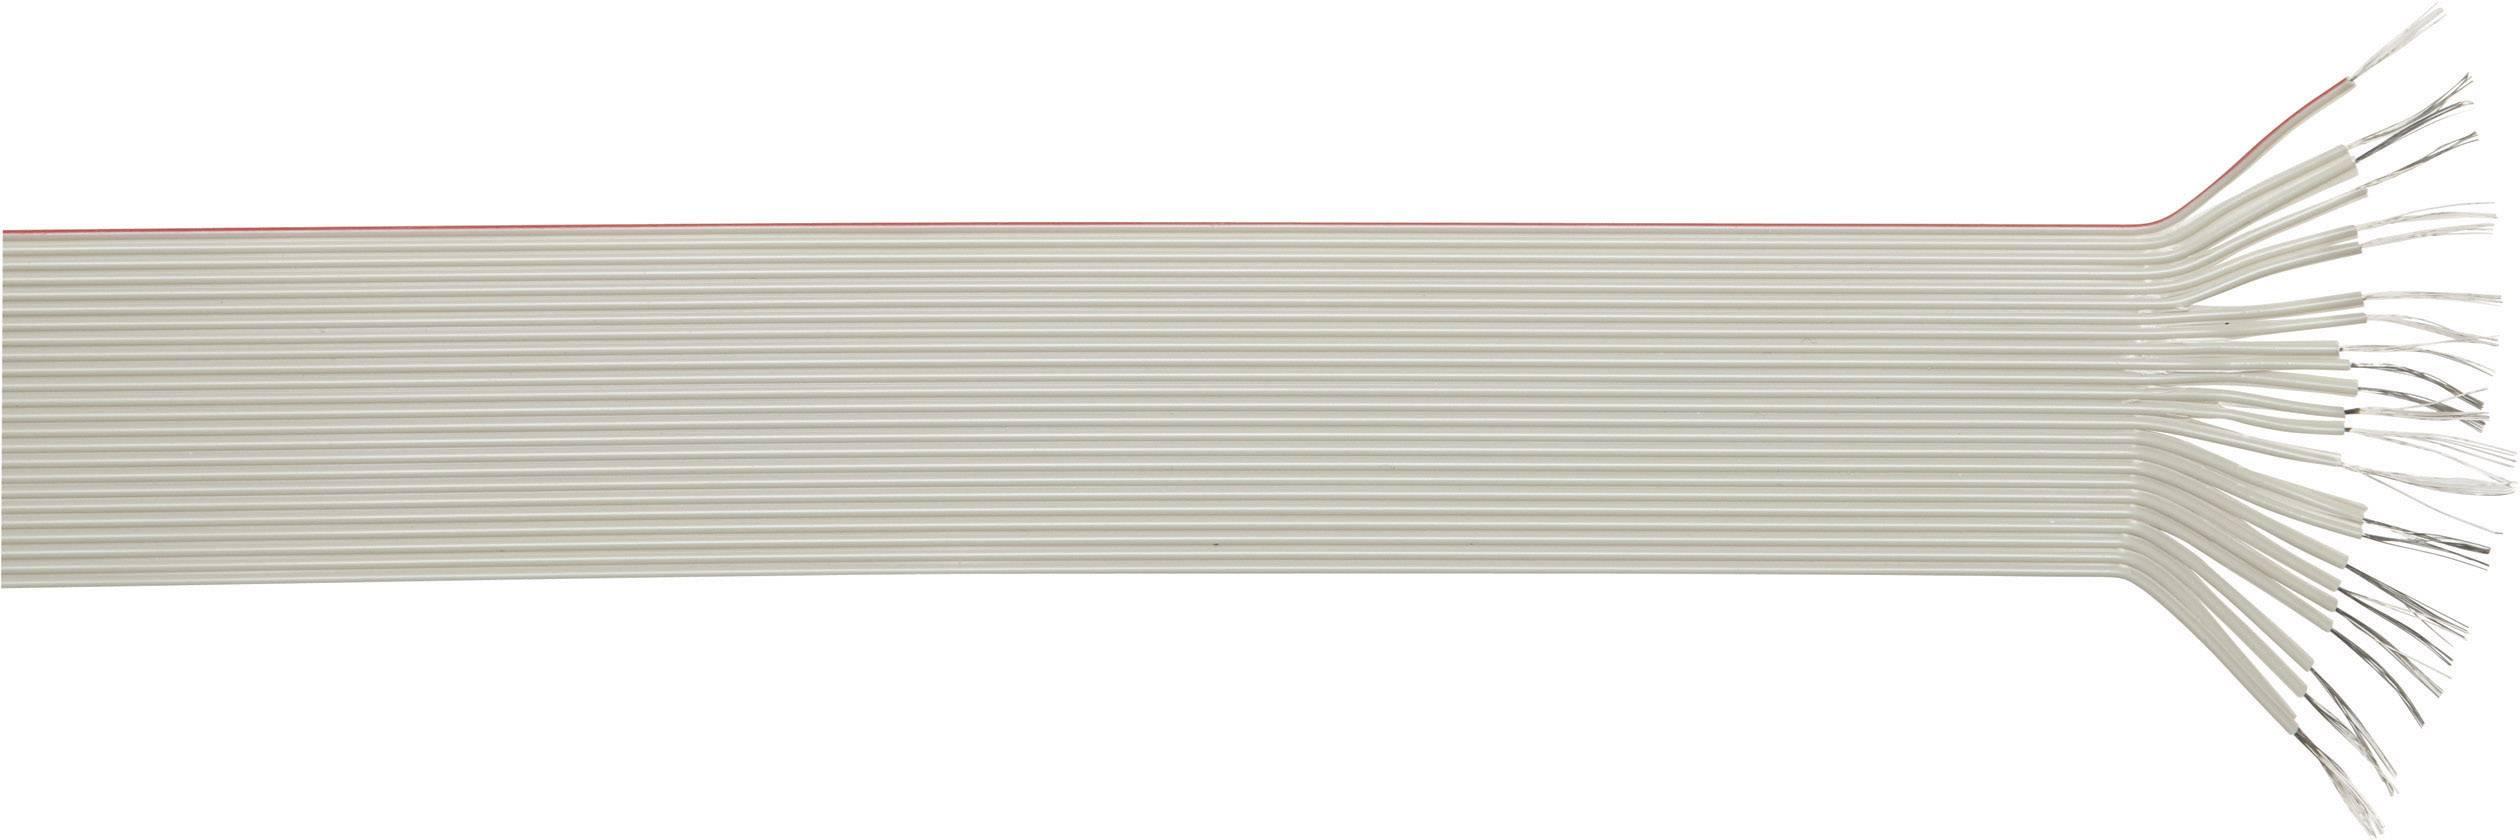 Plochý kábel LappKabel 49900054, rozteč 1.27 mm, 10 x 0.09 mm², sivá, metrový tovar